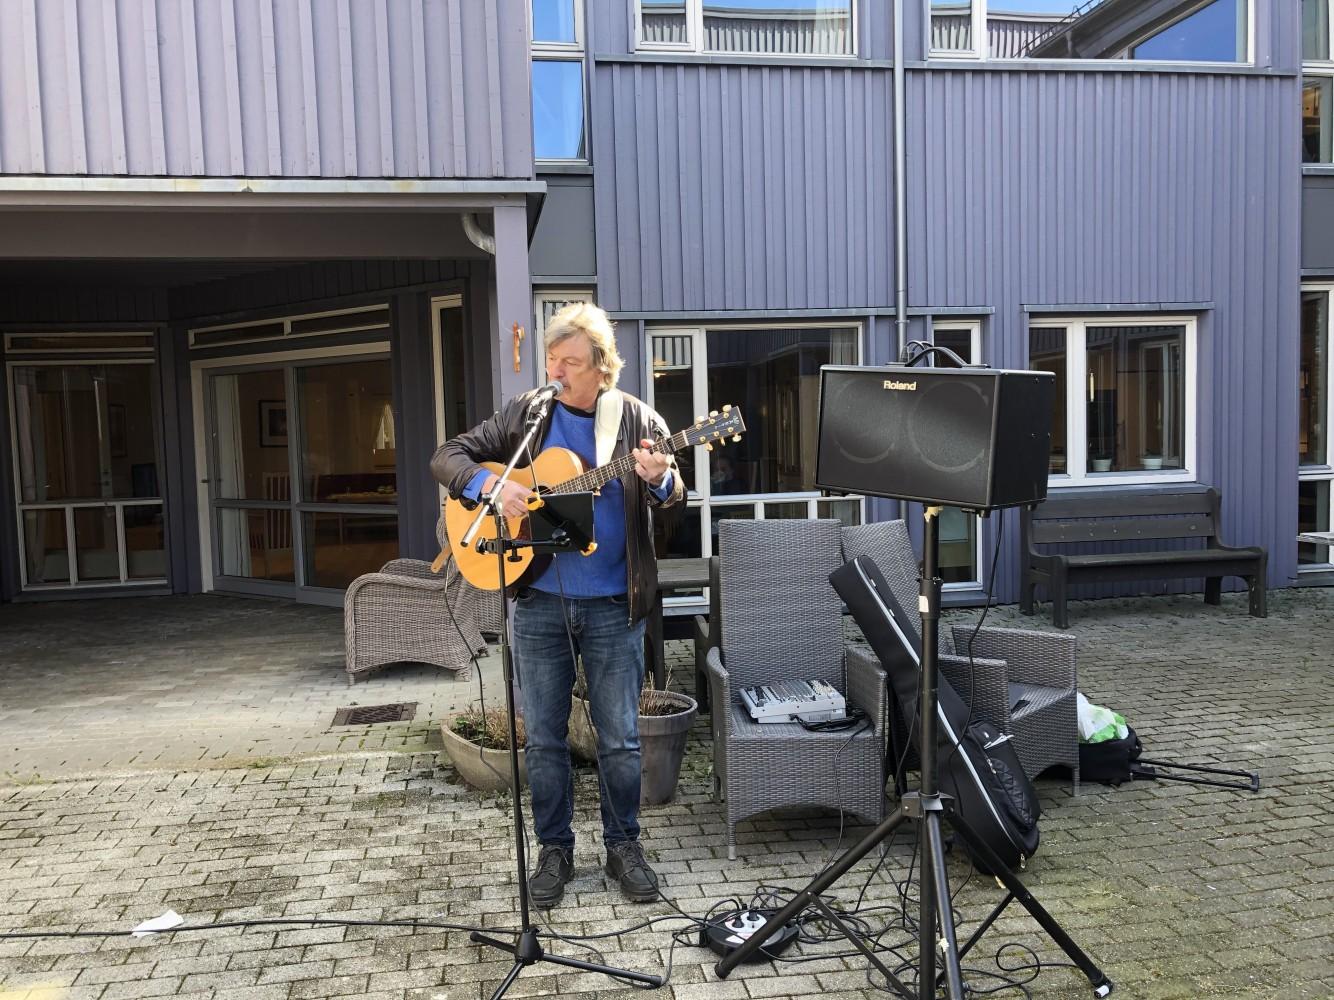 Mann står ute og spiller musikk i en bakgård